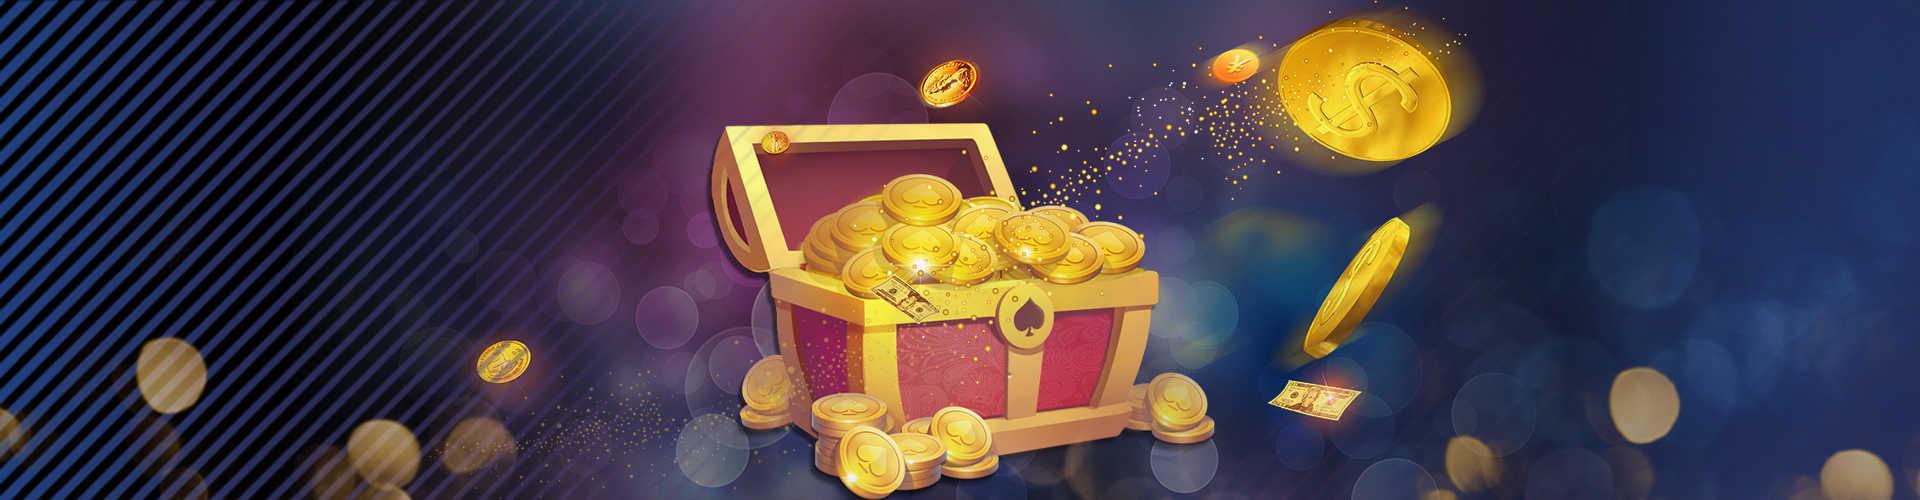 Rebate Bonus and Deposit Bonus at UWin33